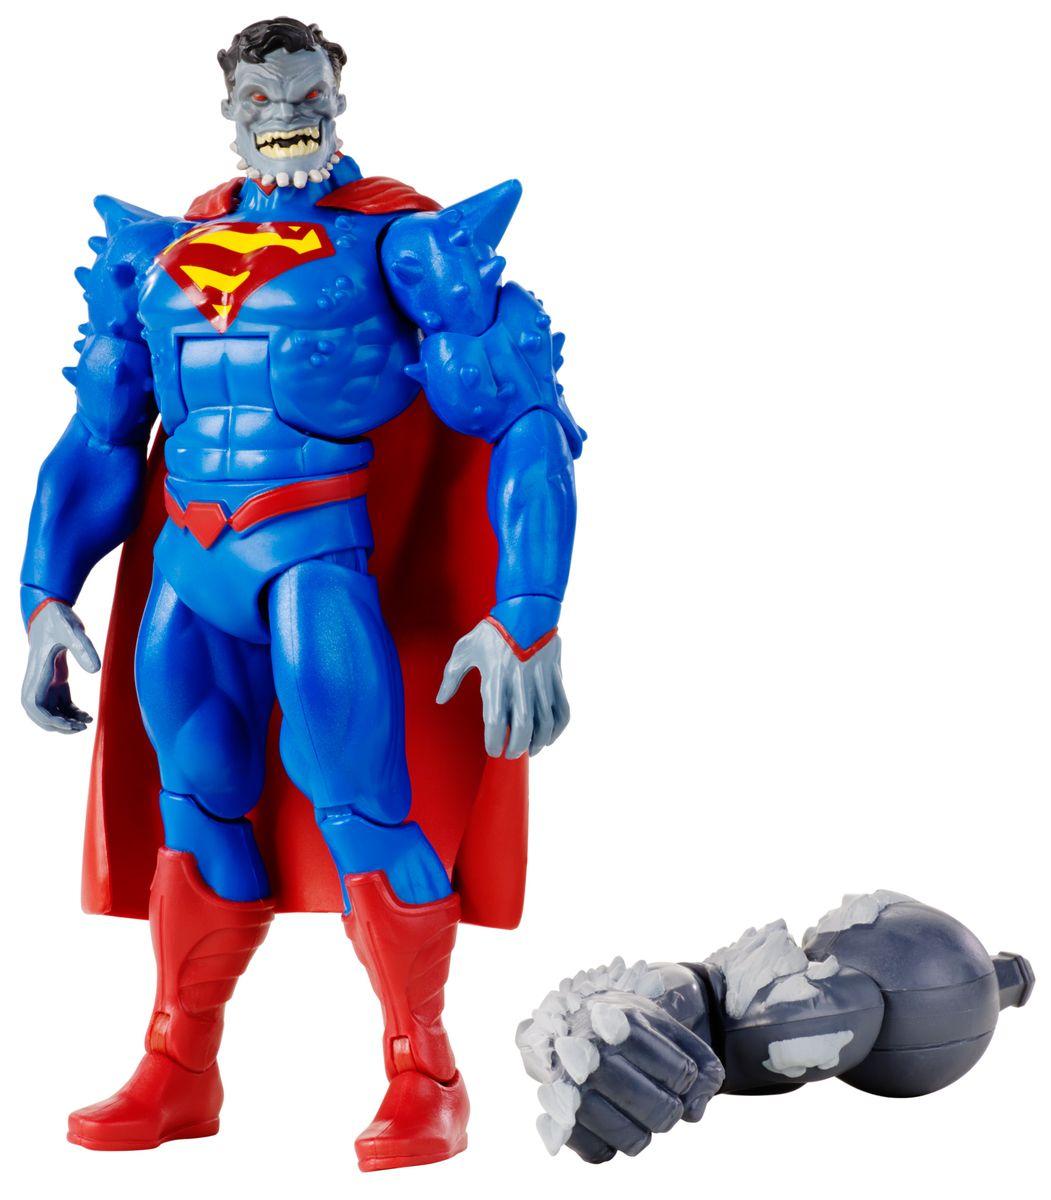 DC Comics Фигурка Супермен обреченныйDNW73Фигурка DC Comics Супермен обреченный выполнена из безопасного пластика в виде персонажа комиксов. У фигурки подвижные руки, ноги и голова. Такая фигурка непременно придется по душе вашему ребенку и станет замечательным украшением любой коллекции. Супермен обреченный - это Супермен, превратившийся после заражения вирусом Doomsday в невероятного монстра. В комплекте также идет элемент для сборки фигурки другого персонажа. Соберите все 6 фигурок коллекции, и вы сможете собрать еще одну фигурку персонажа Doomsday из масштабного перезапуска вселенной DC Comics The New 52.